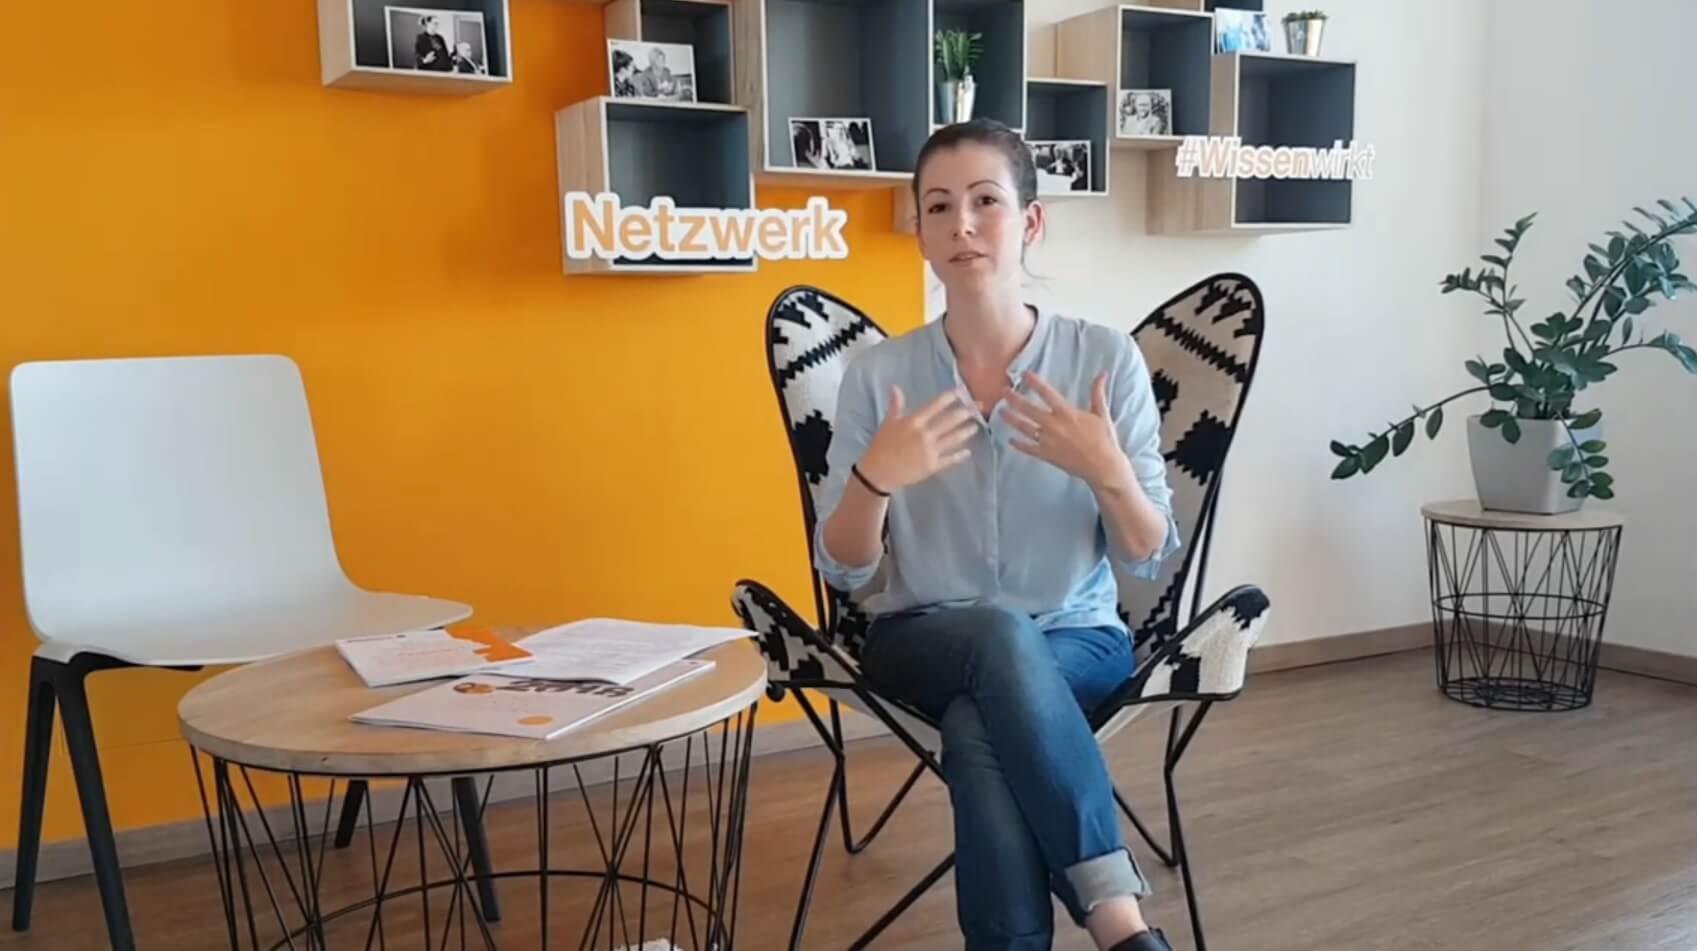 Julia Frensch beantwortet Fragen zu den Projekten für Start-ups